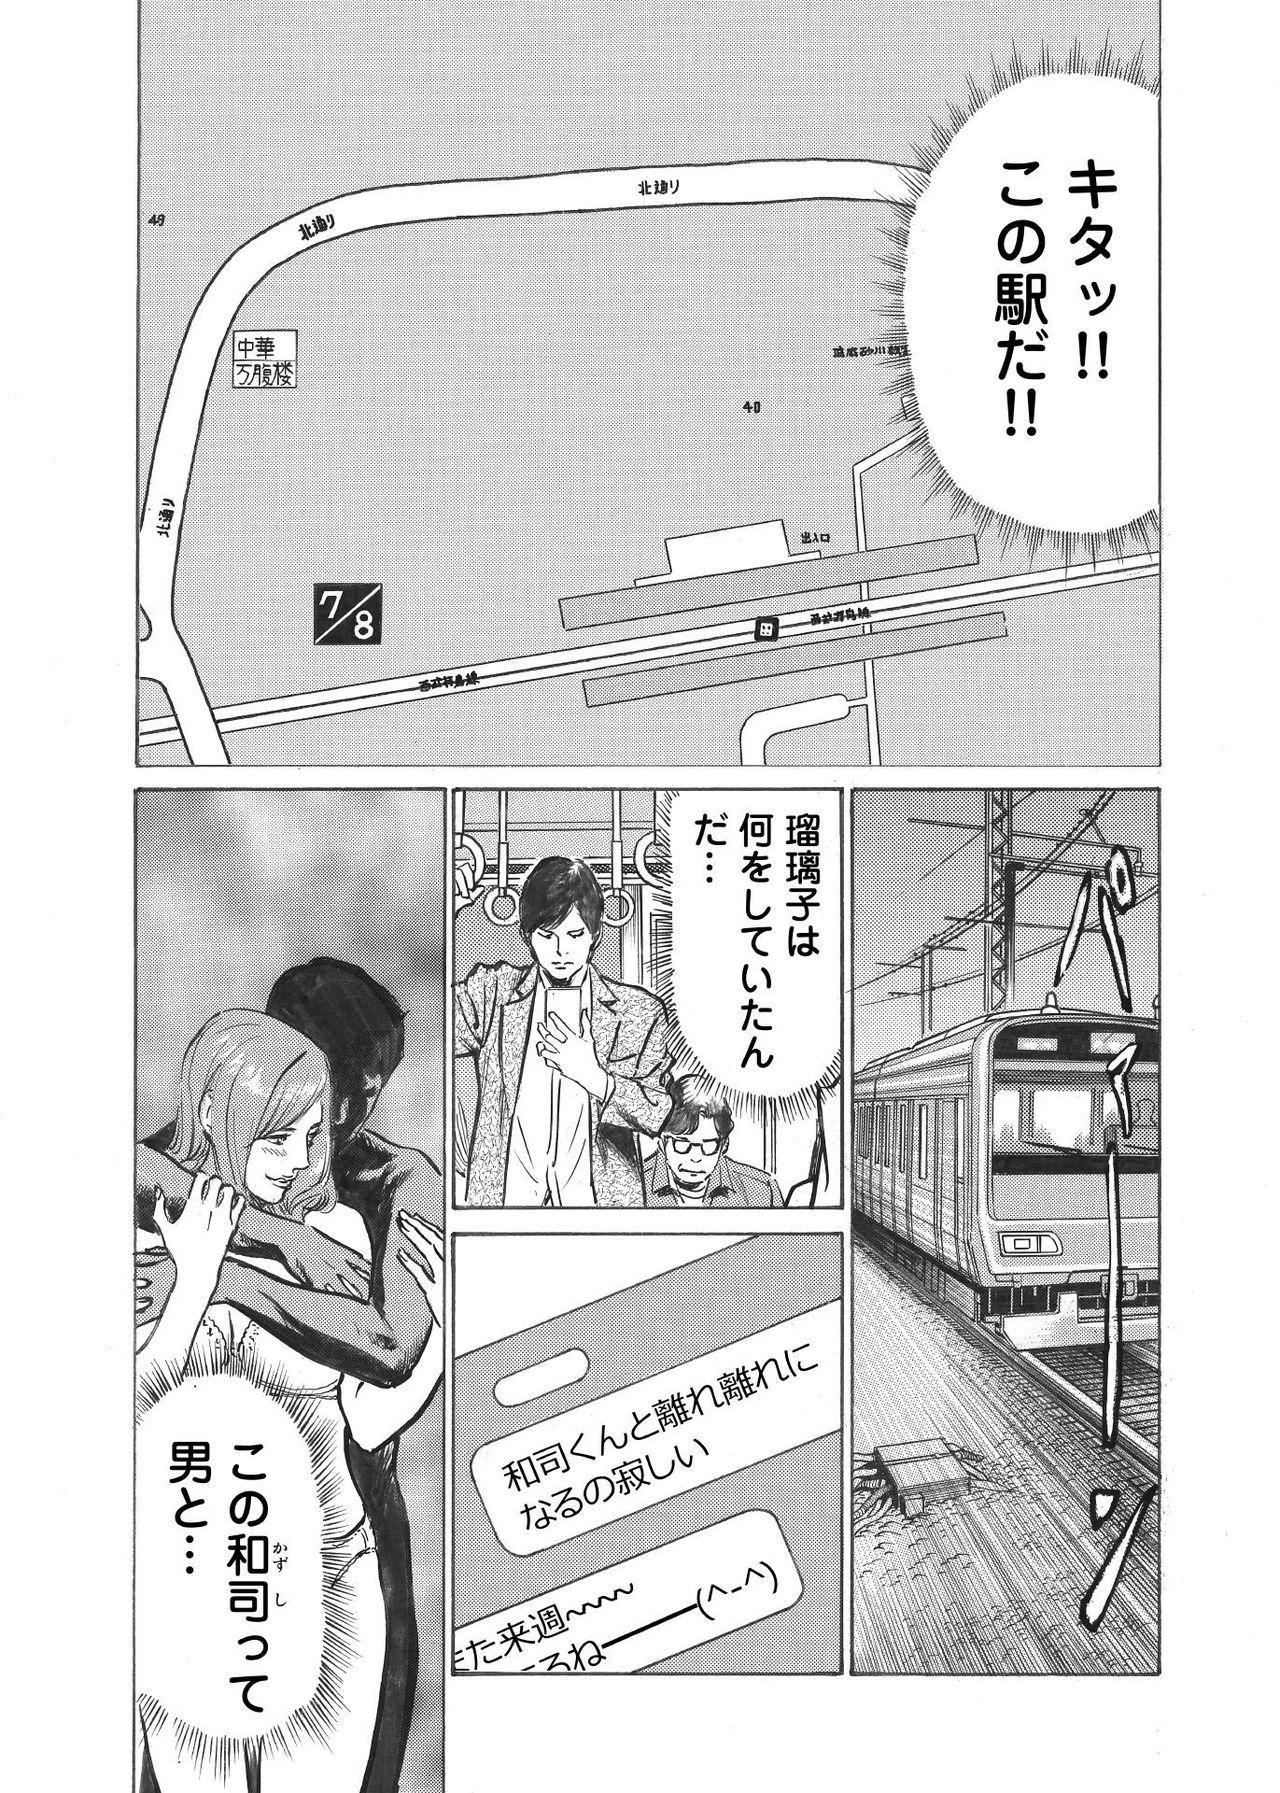 Ore wa Tsuma no Koto o Yoku Shiranai 1-9 37